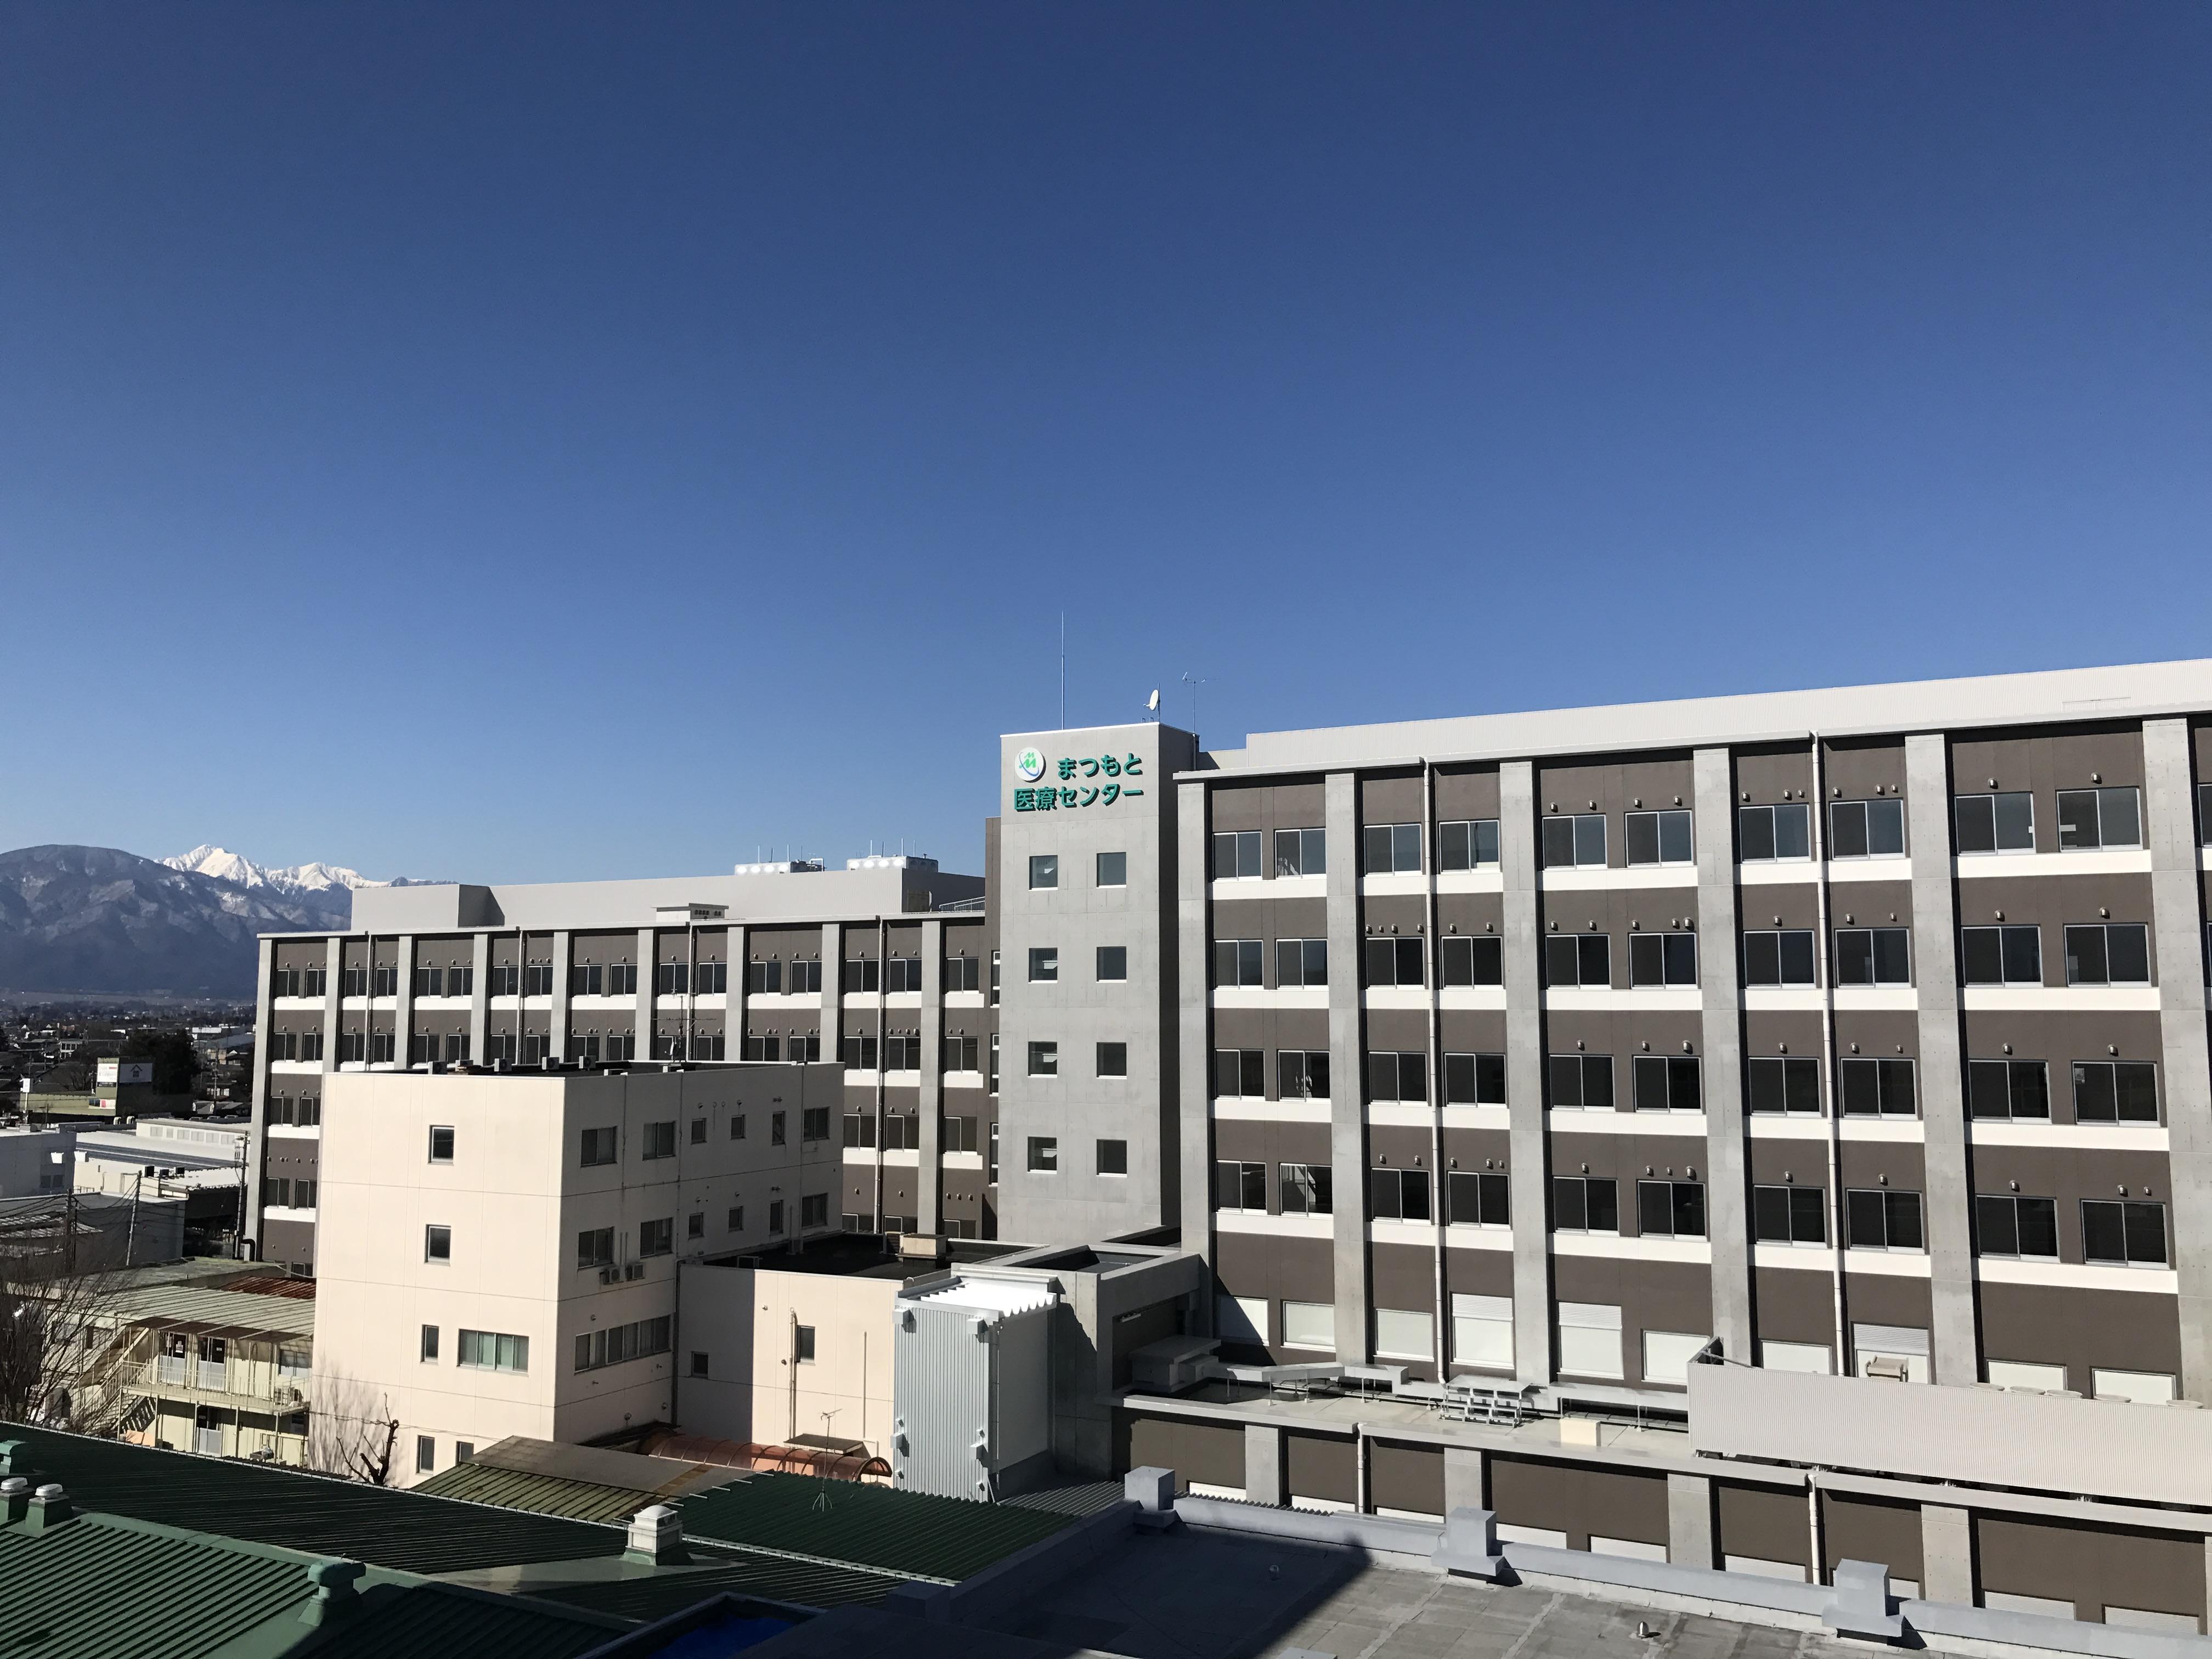 独立行政法人 国立病院機構まつもと医療センター